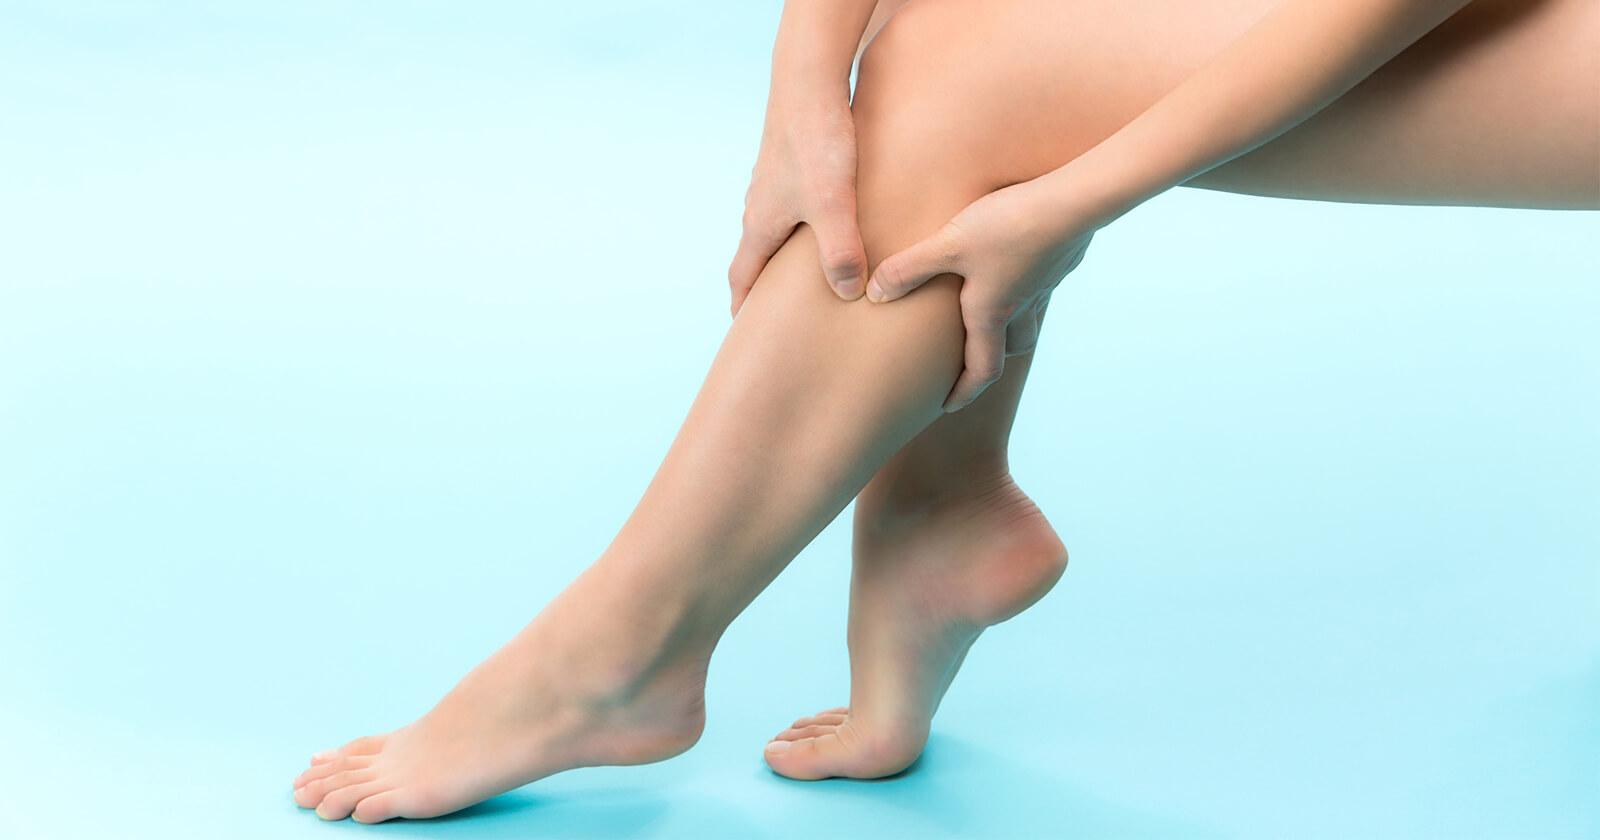 Kribbeln in den Beinen als Symptom einer diabetischen Neuropathie.